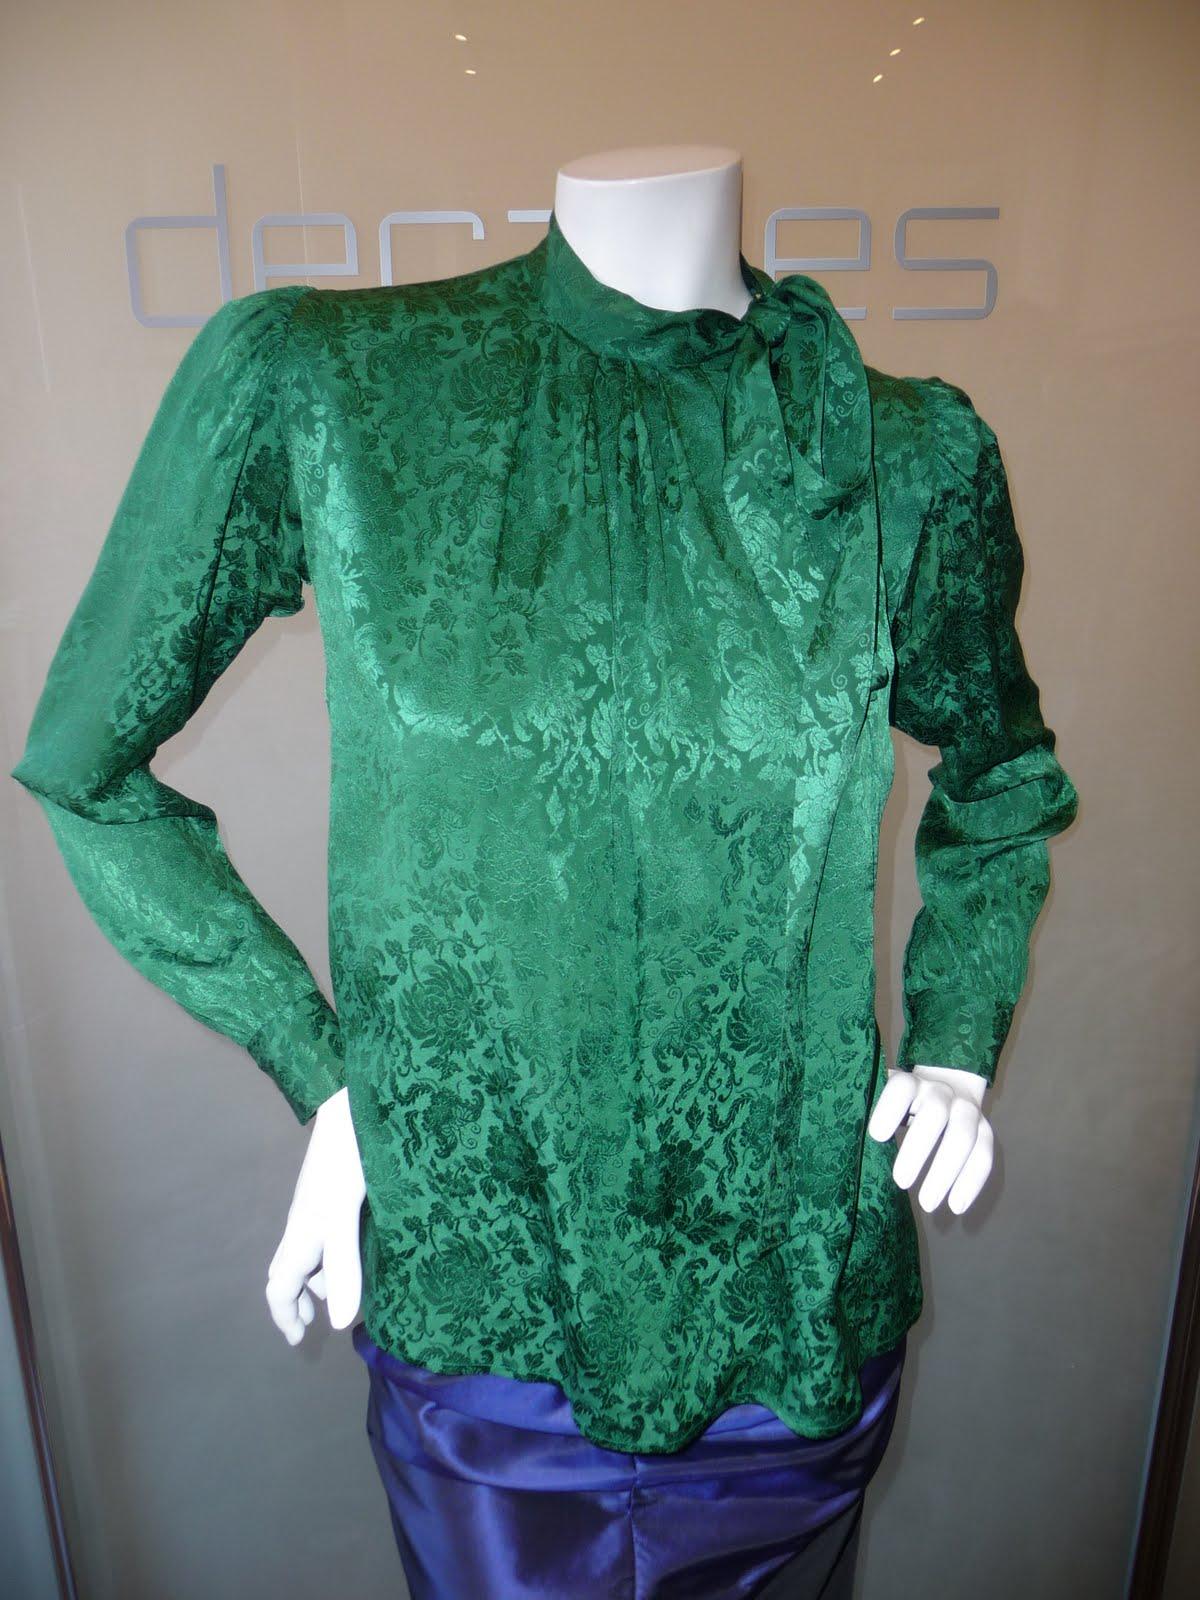 78604d2c12d7 Yves Saint Laurent Rive Gauche emerald silk jacquard side button bow  blouse